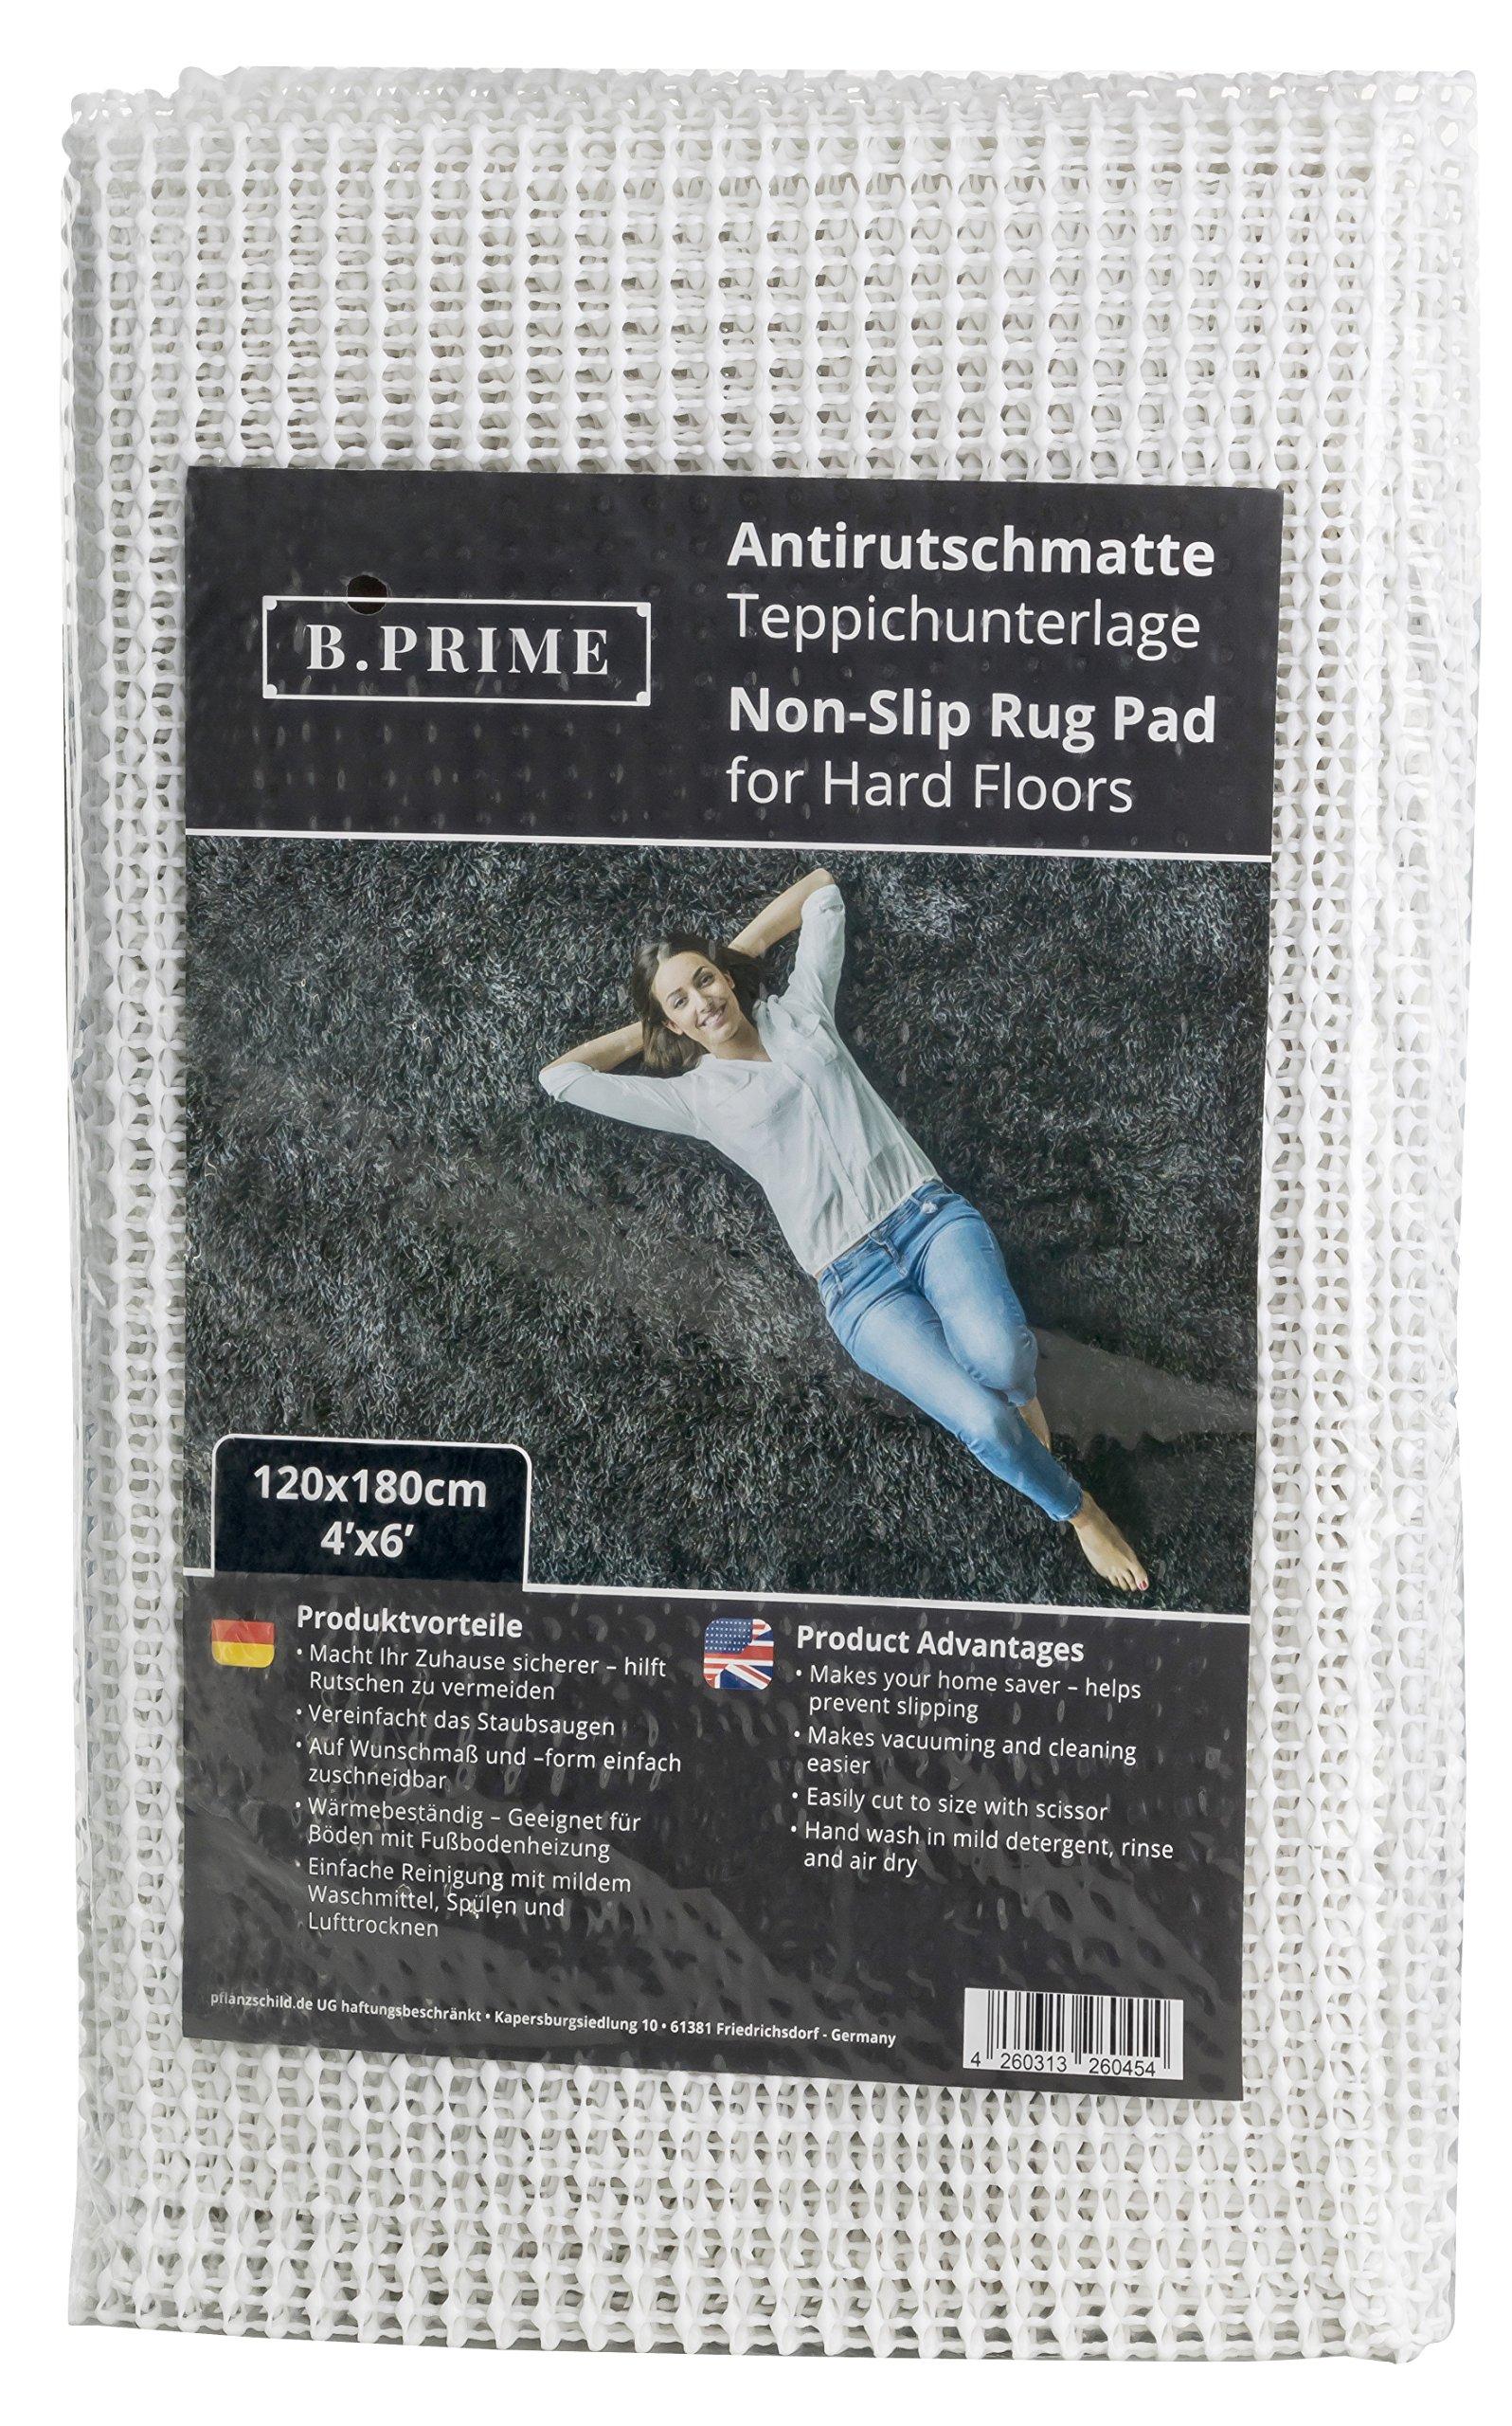 B.PRIME 4x6-Feet Non-Slip Area Rug Pad for Hard Floors I Anti-Slip mat I Carpet mat I Rug Underlay I Carpet Underlay I Anti-Slip Protection for Carpets